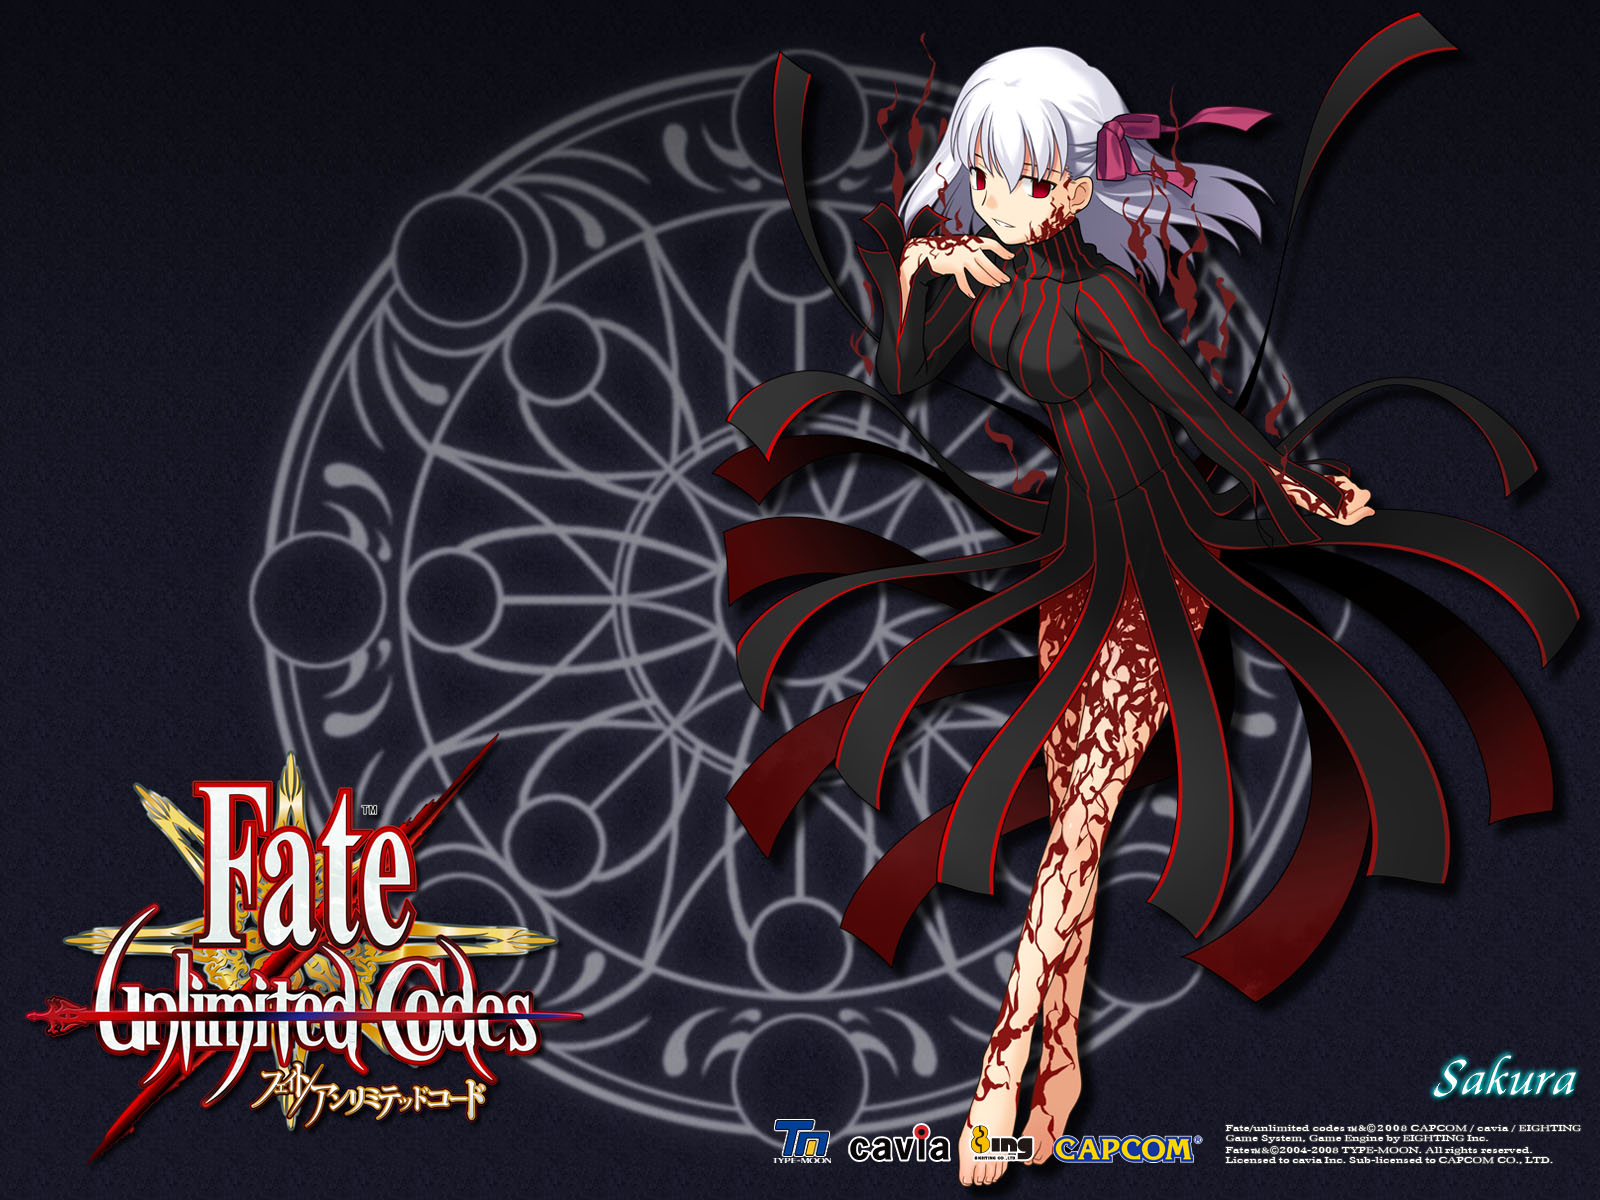 壁紙 Fate Unlimited Codes ゲーム ダウンロード 写真